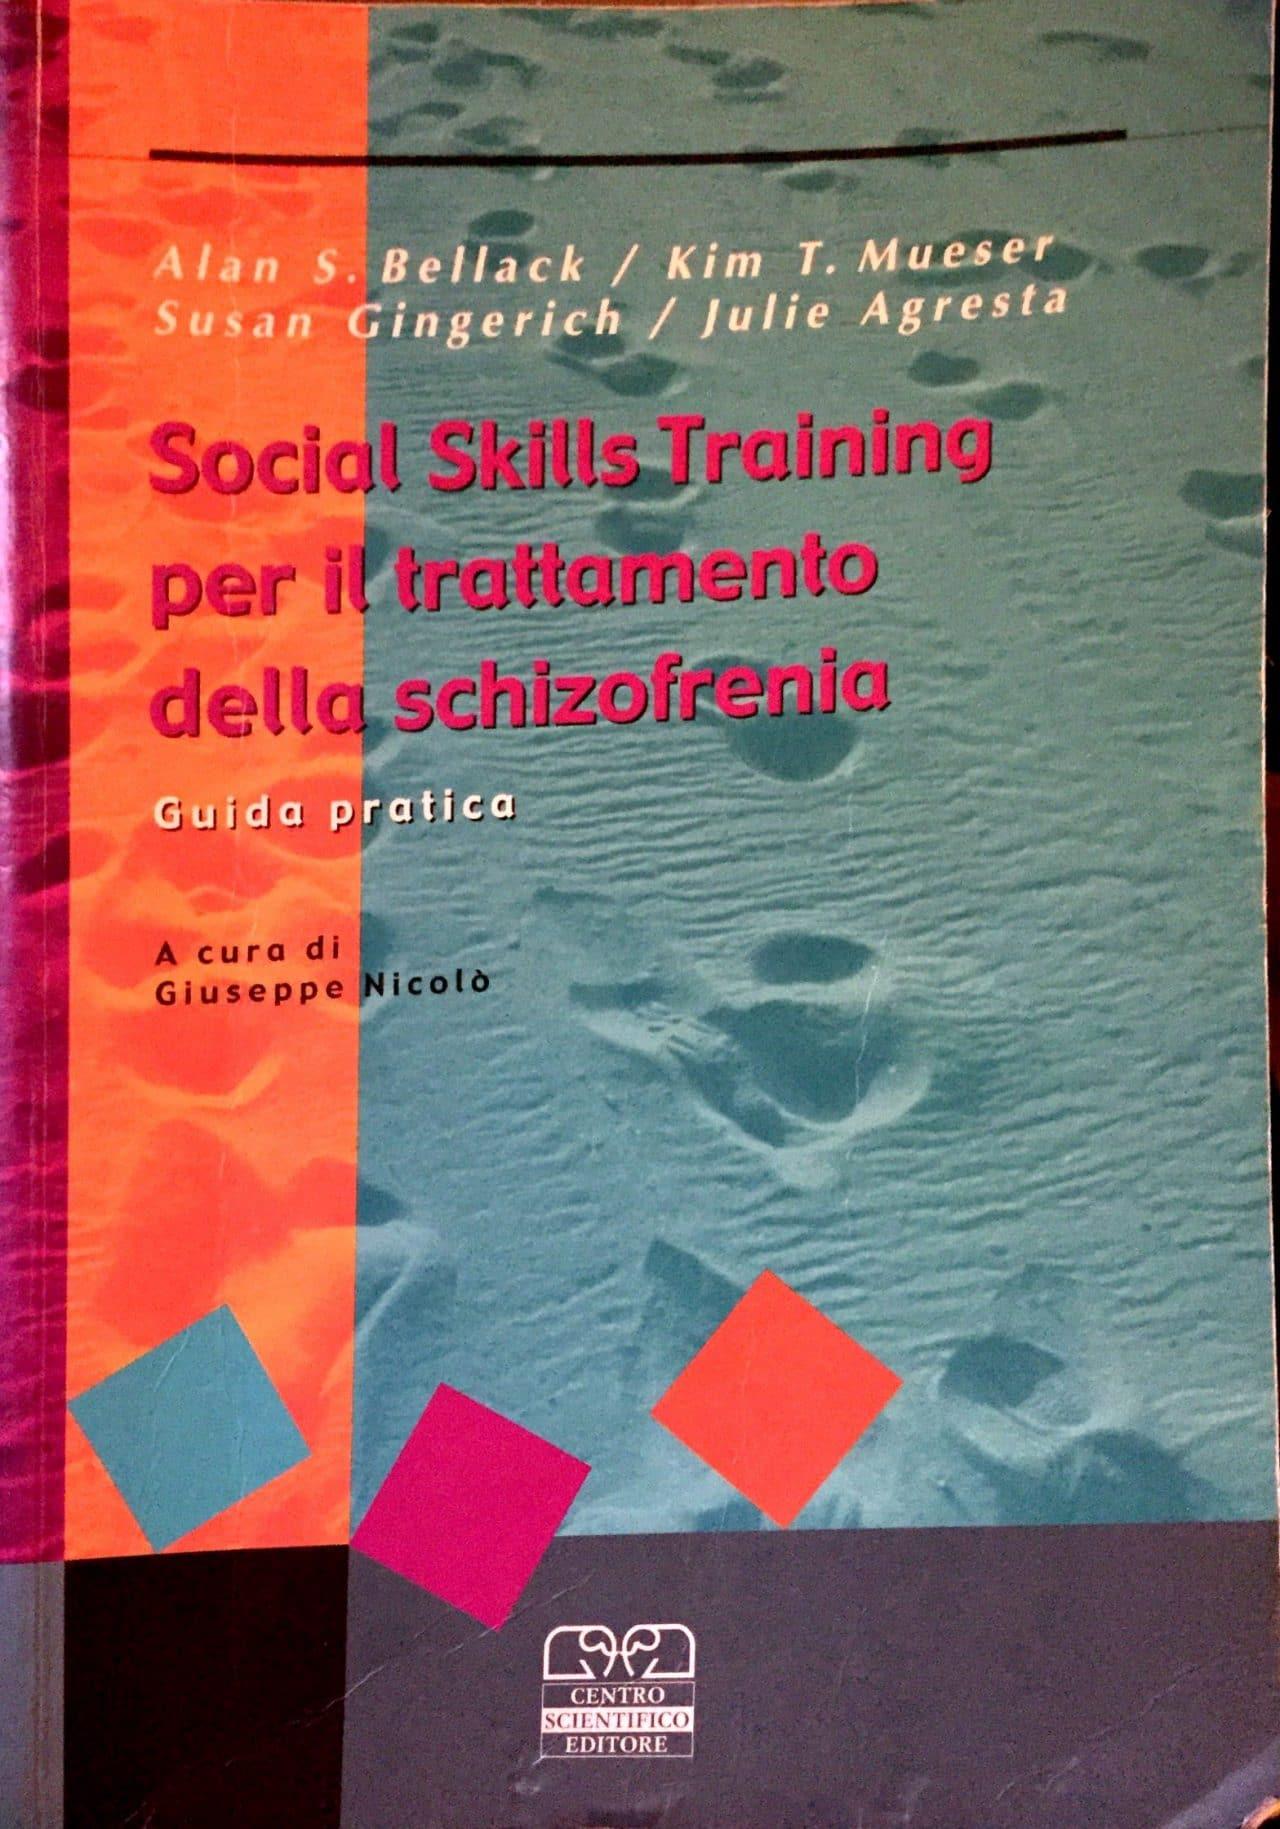 Social Skills Training Per Il Trattamento Della Schizofrenia